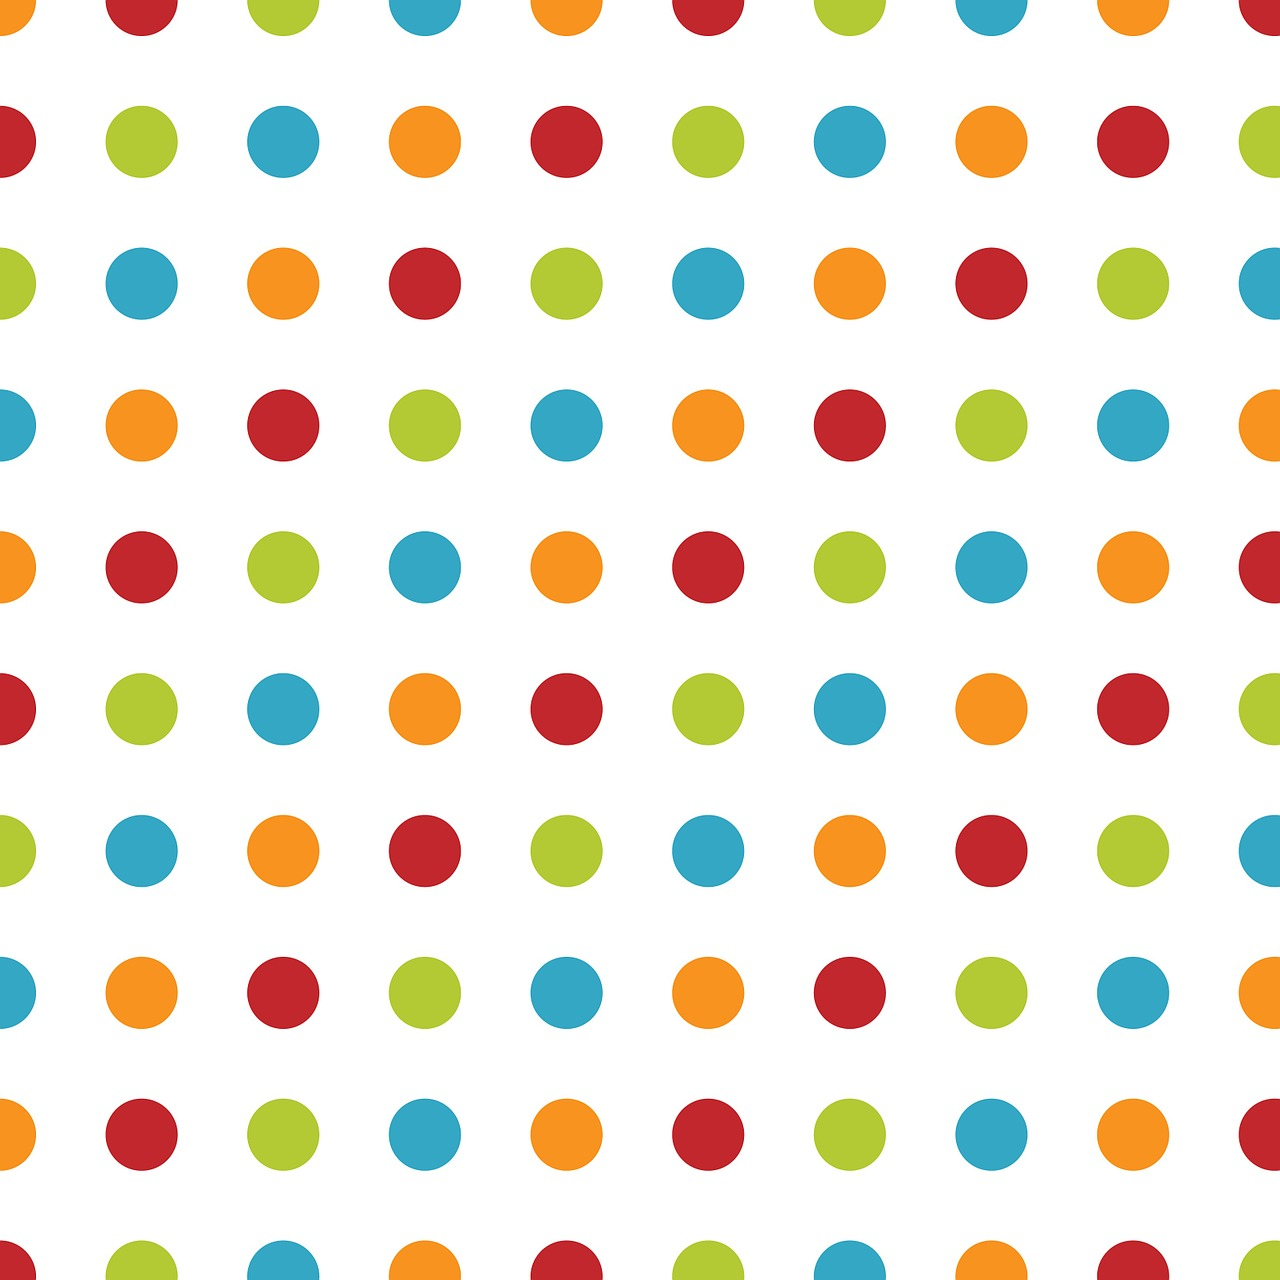 polka-dots-875047_1280